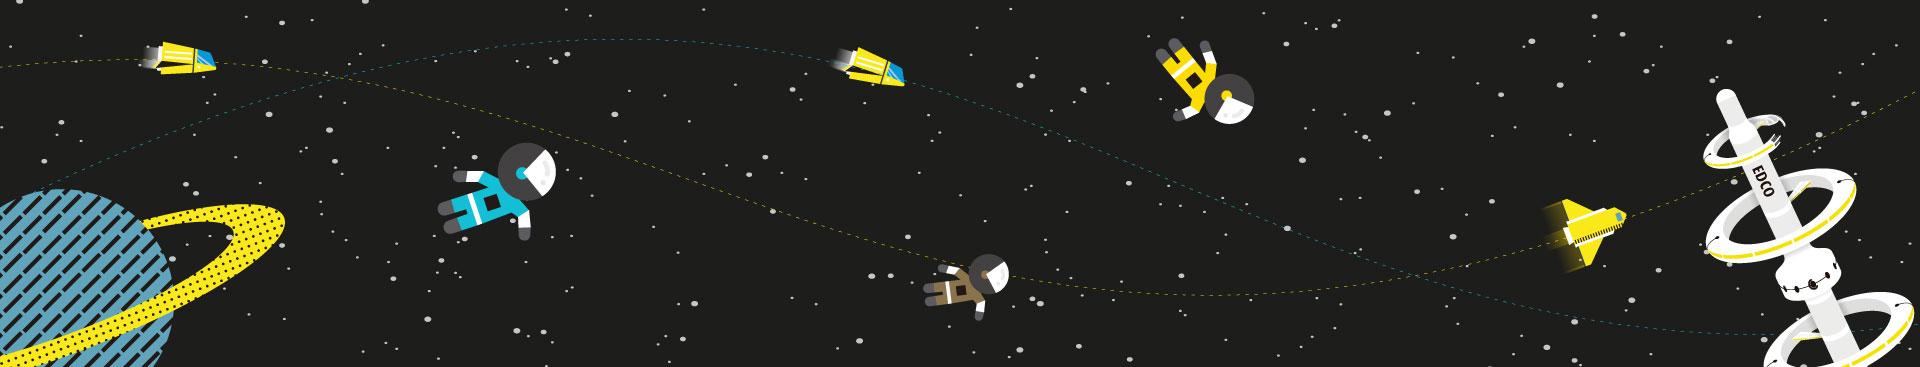 astronautas espacio satalite edco